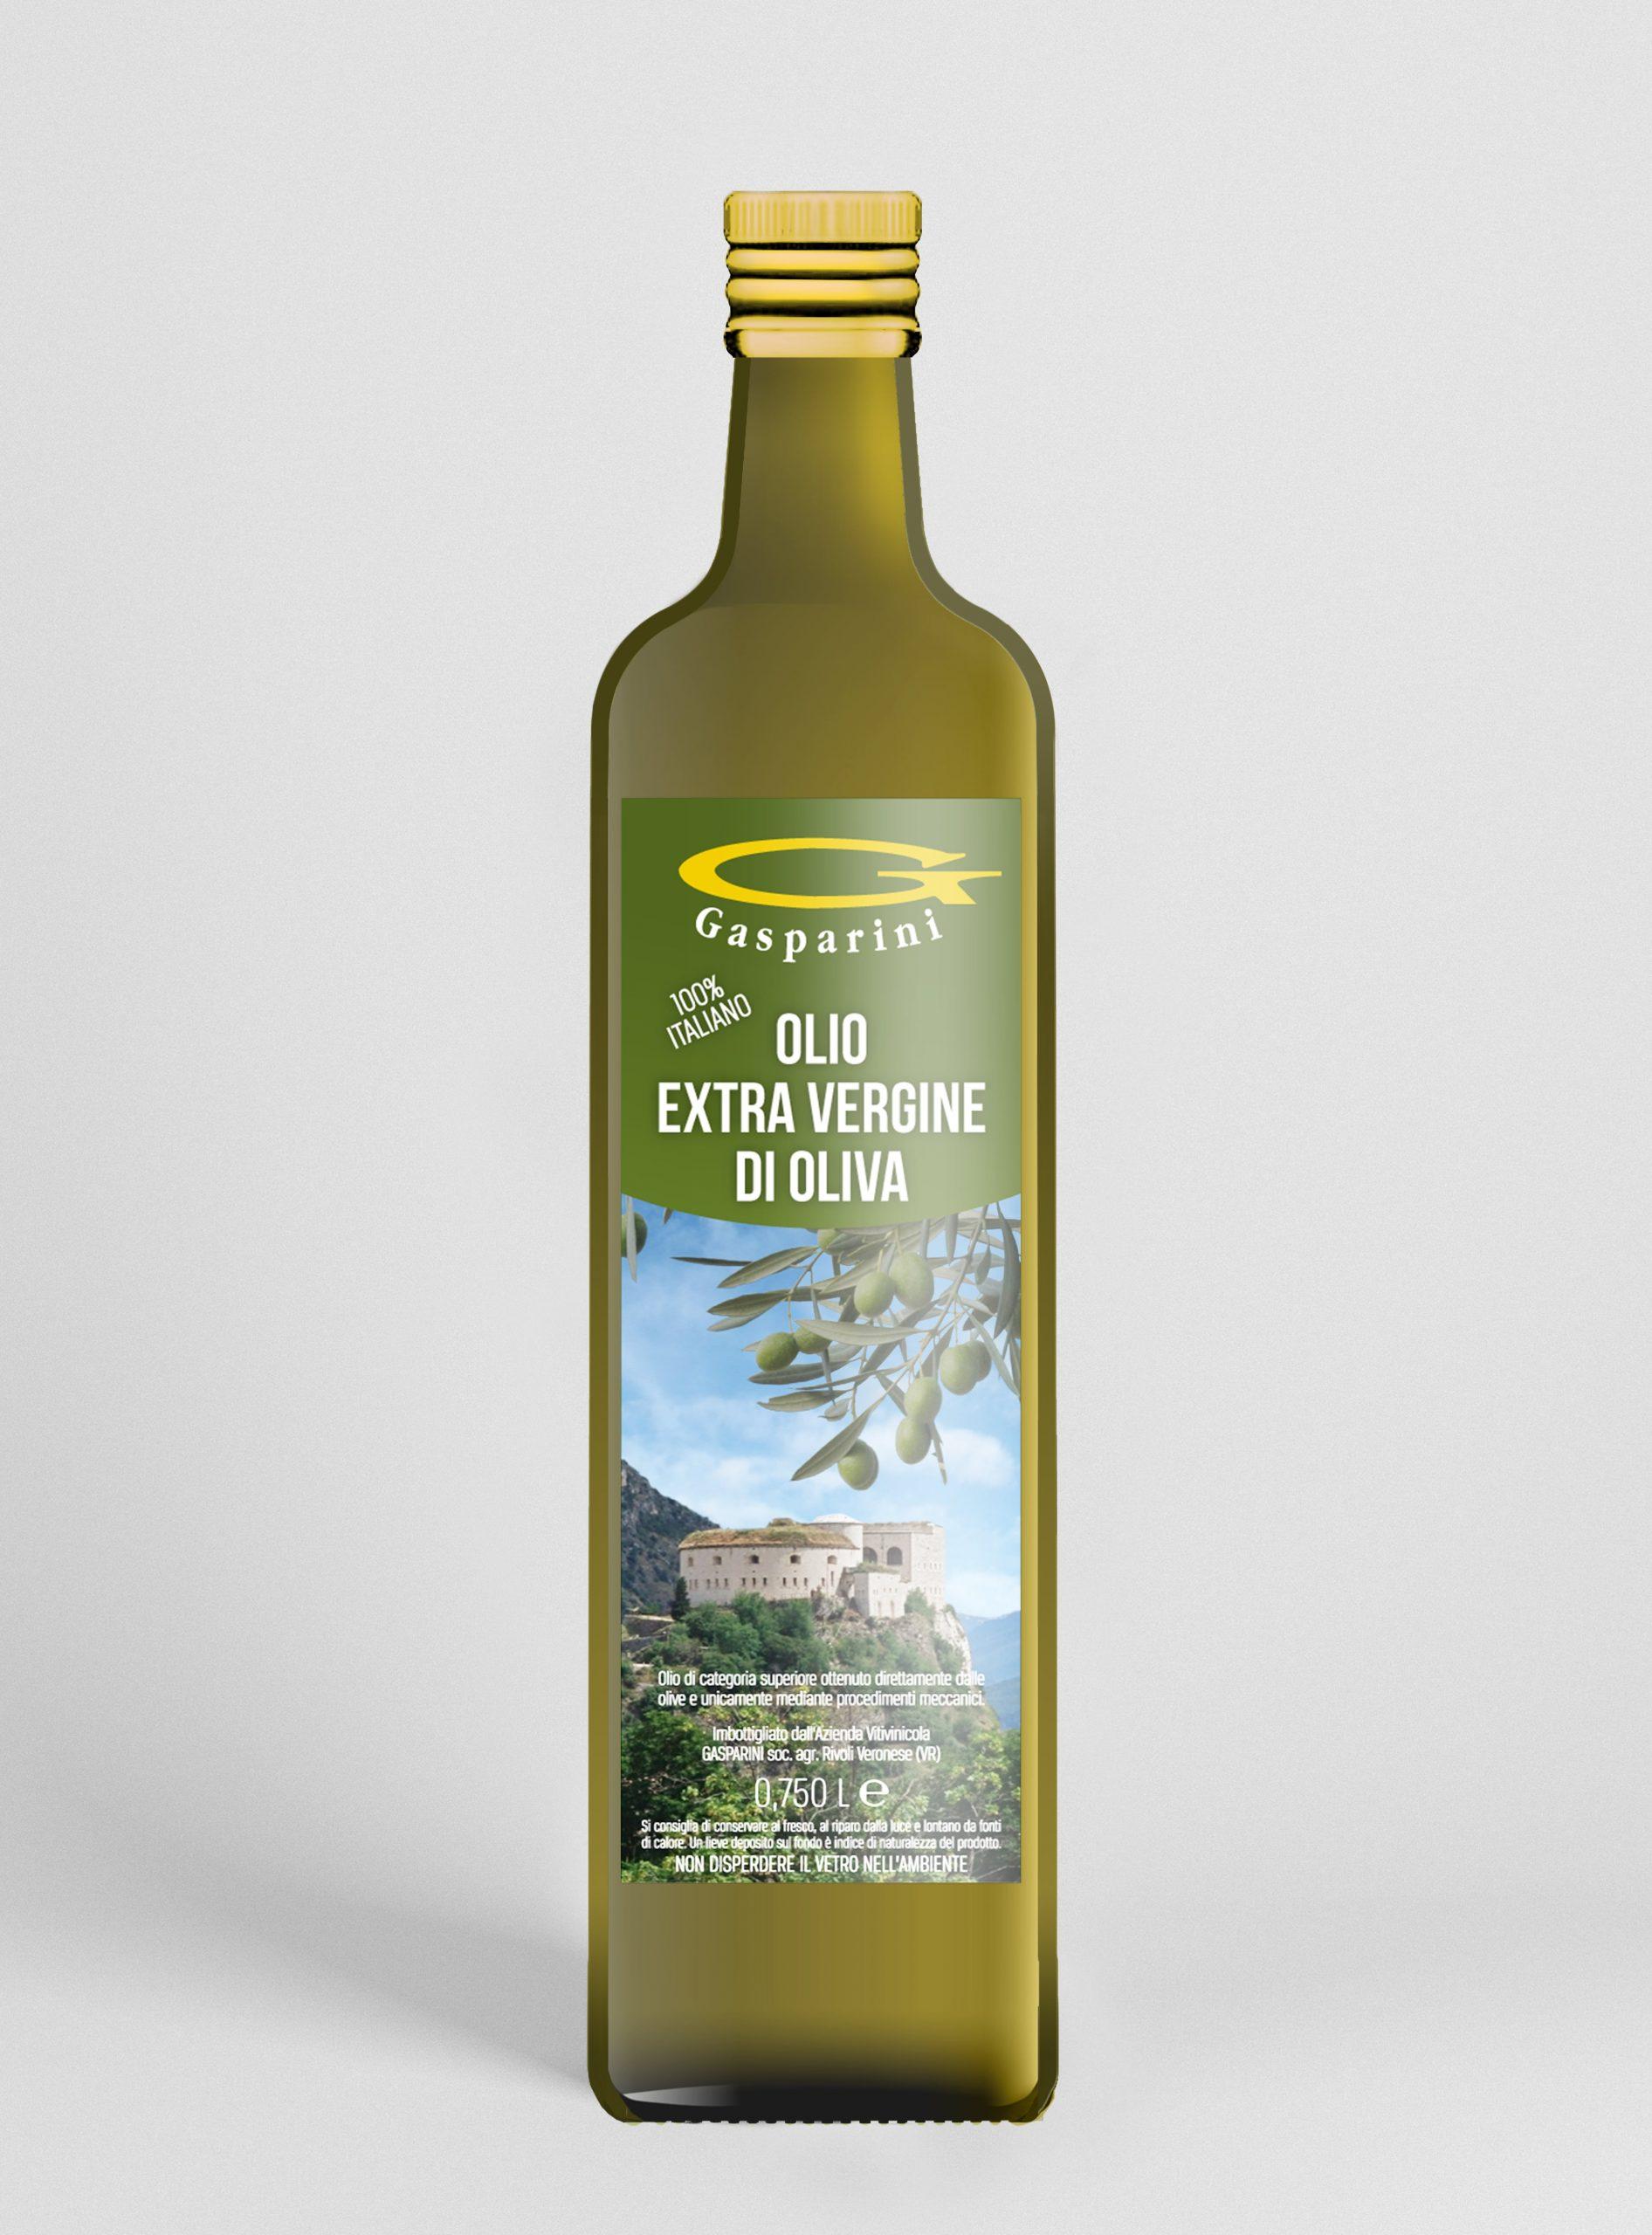 Olio extravergine d'oliva Gasparini